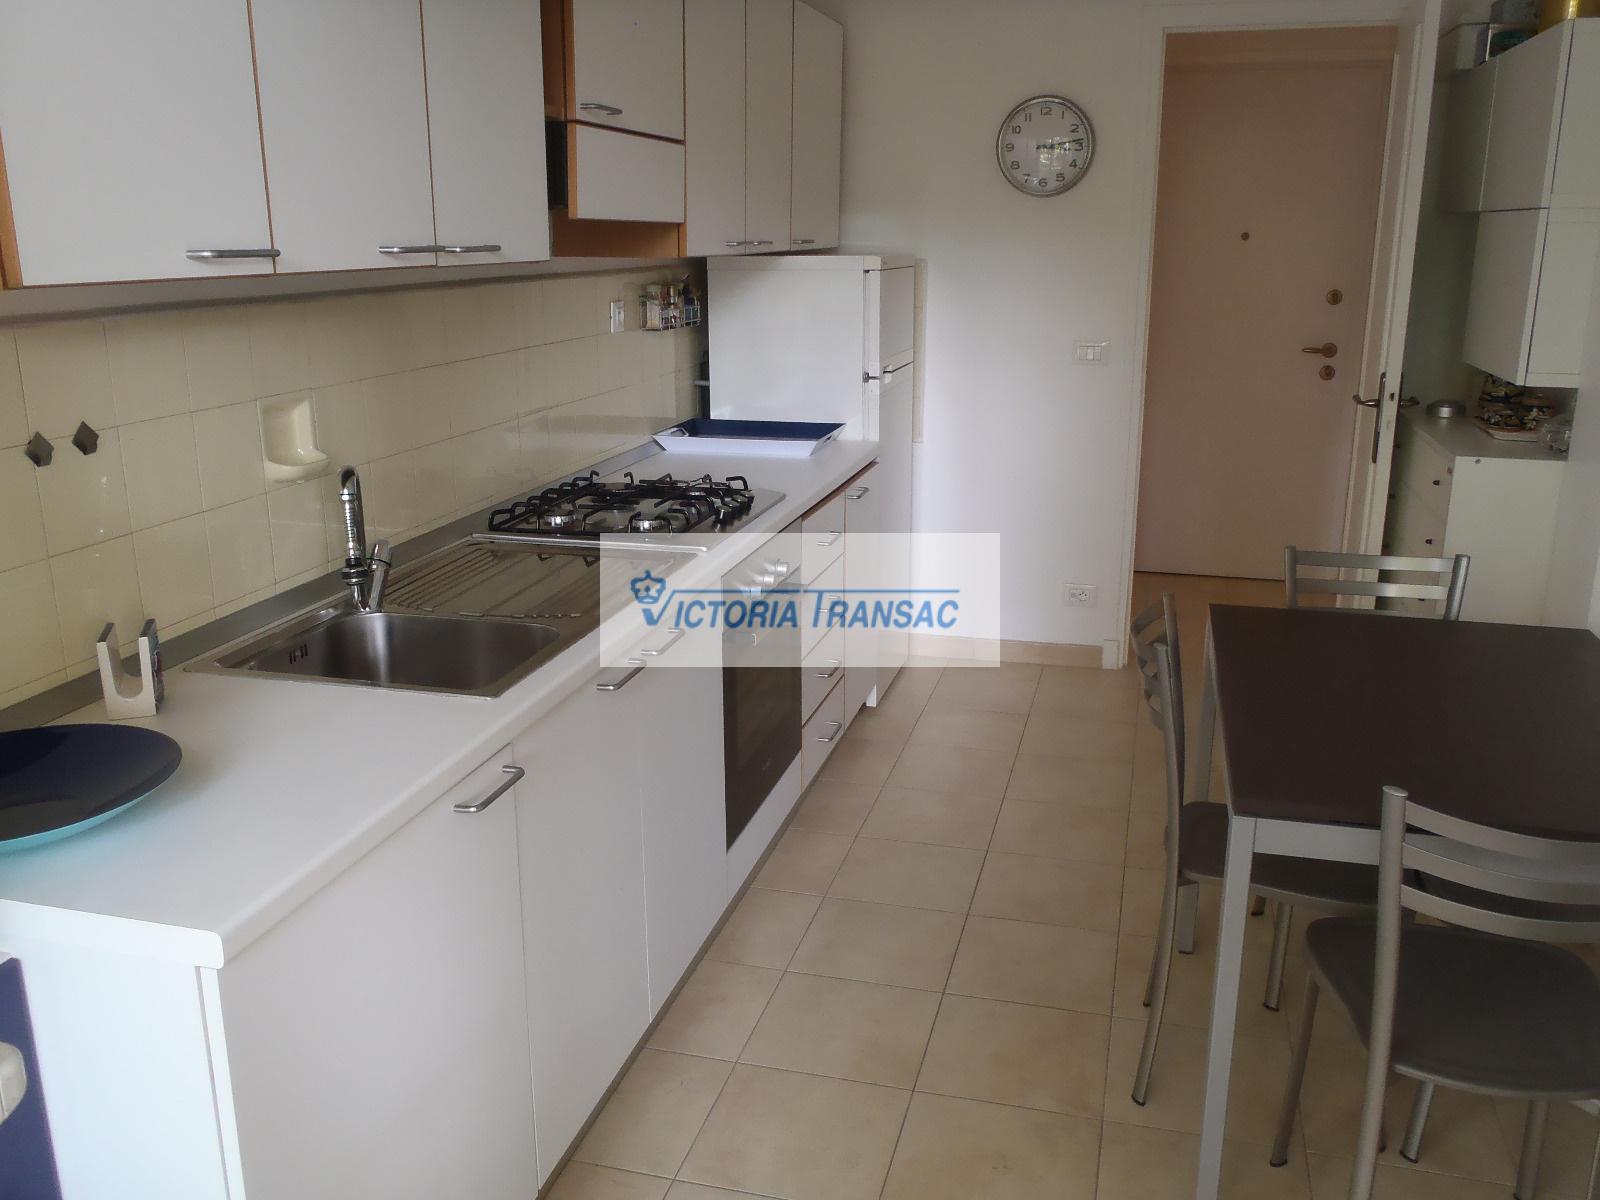 Vendita mentone monolocale mare balcone in comune cucina - Cucina balcone condominio ...